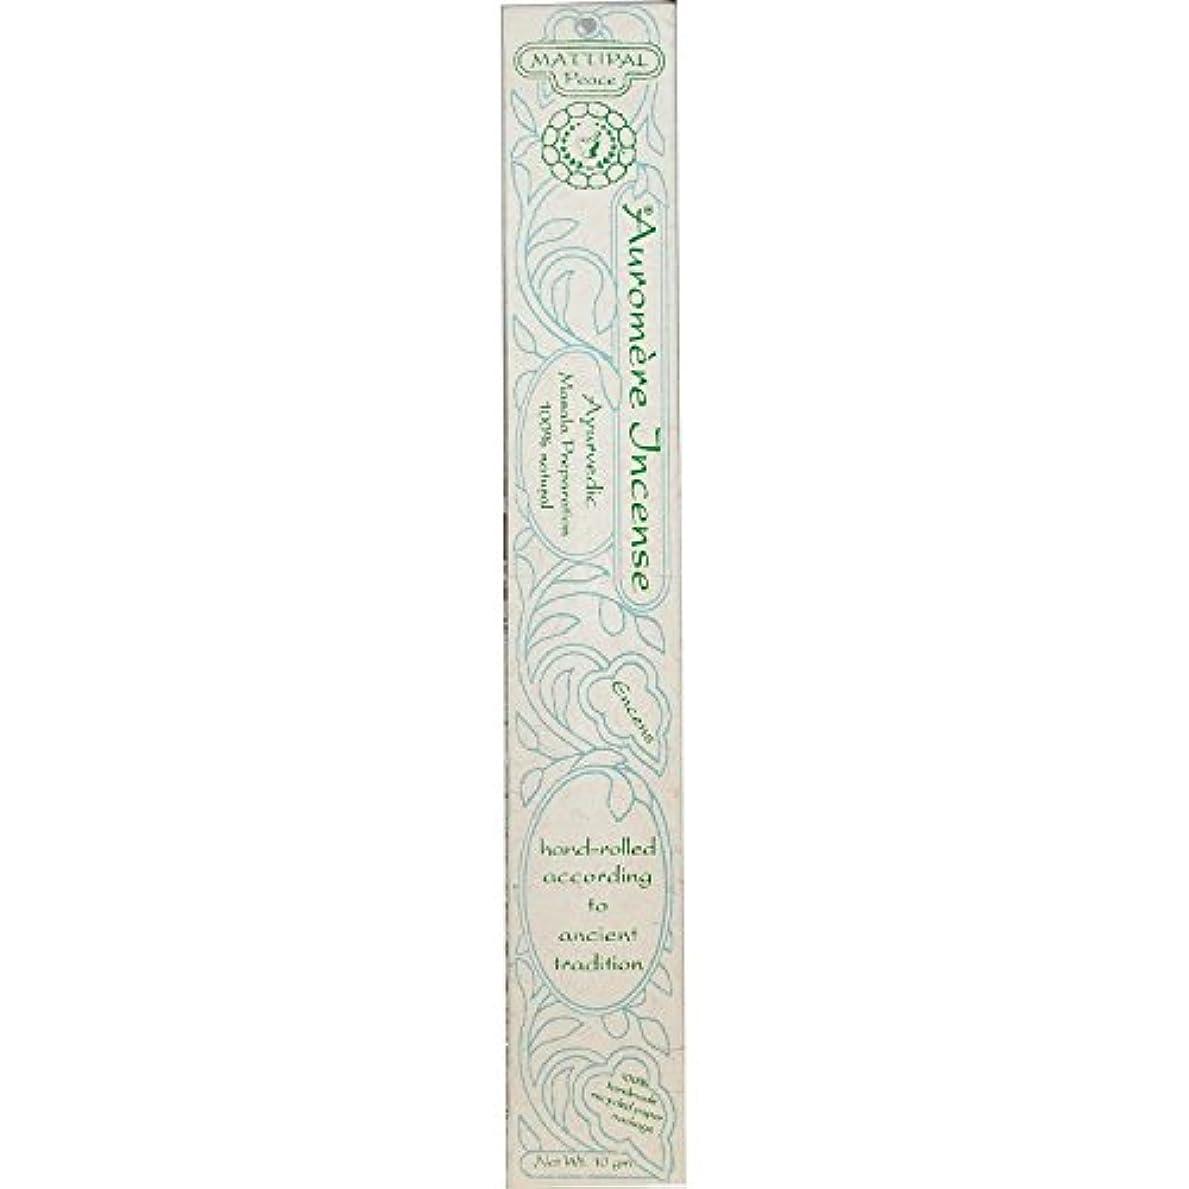 特許不正確走る海外直送品Ayurvedic Incense, Mattipal 10 Gms (Case of 12) by Auromere